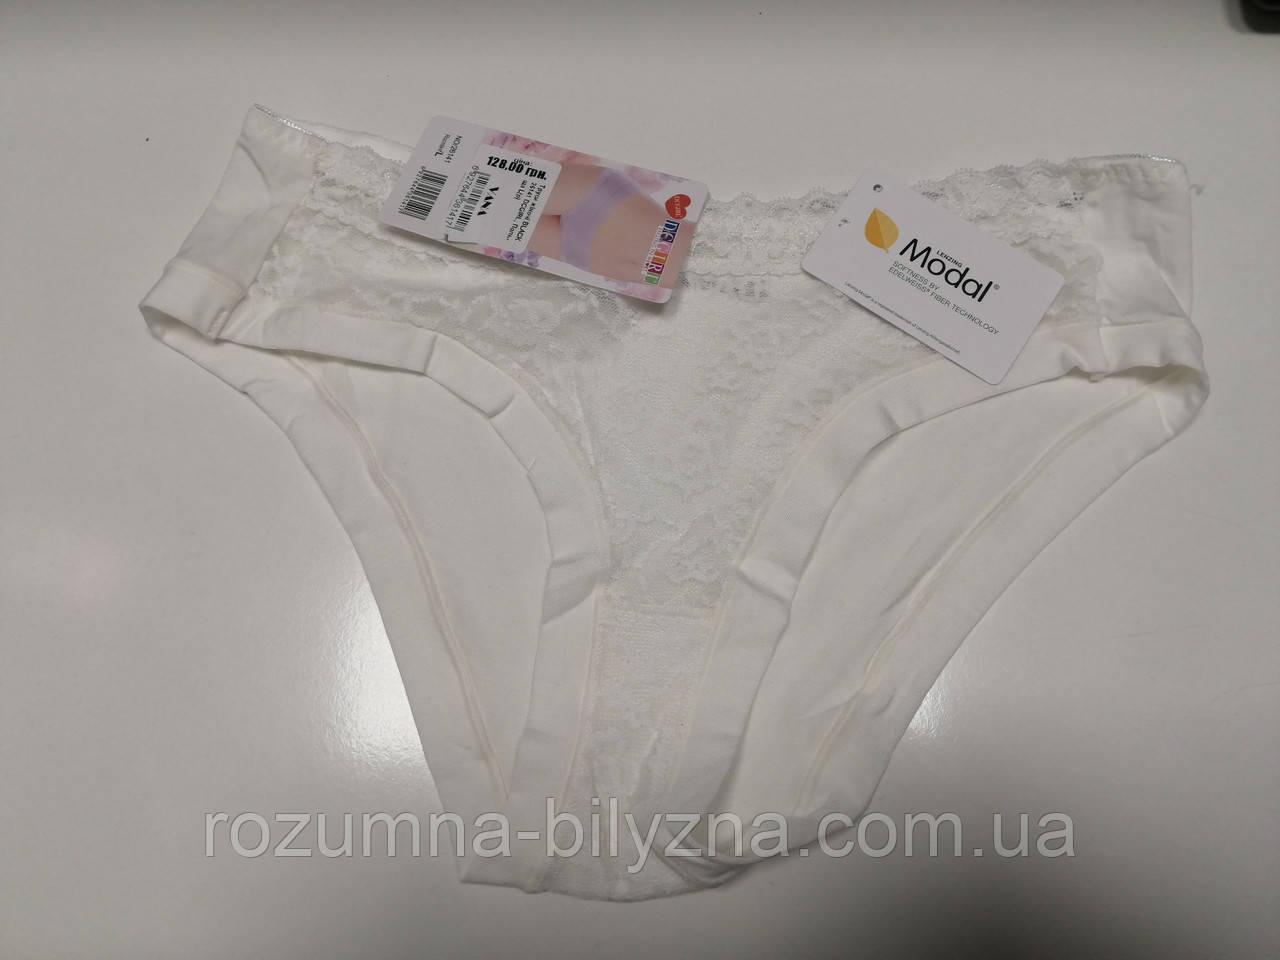 Труси жіночі сліпи, білий, Modal, TM DGGIRL, Польща